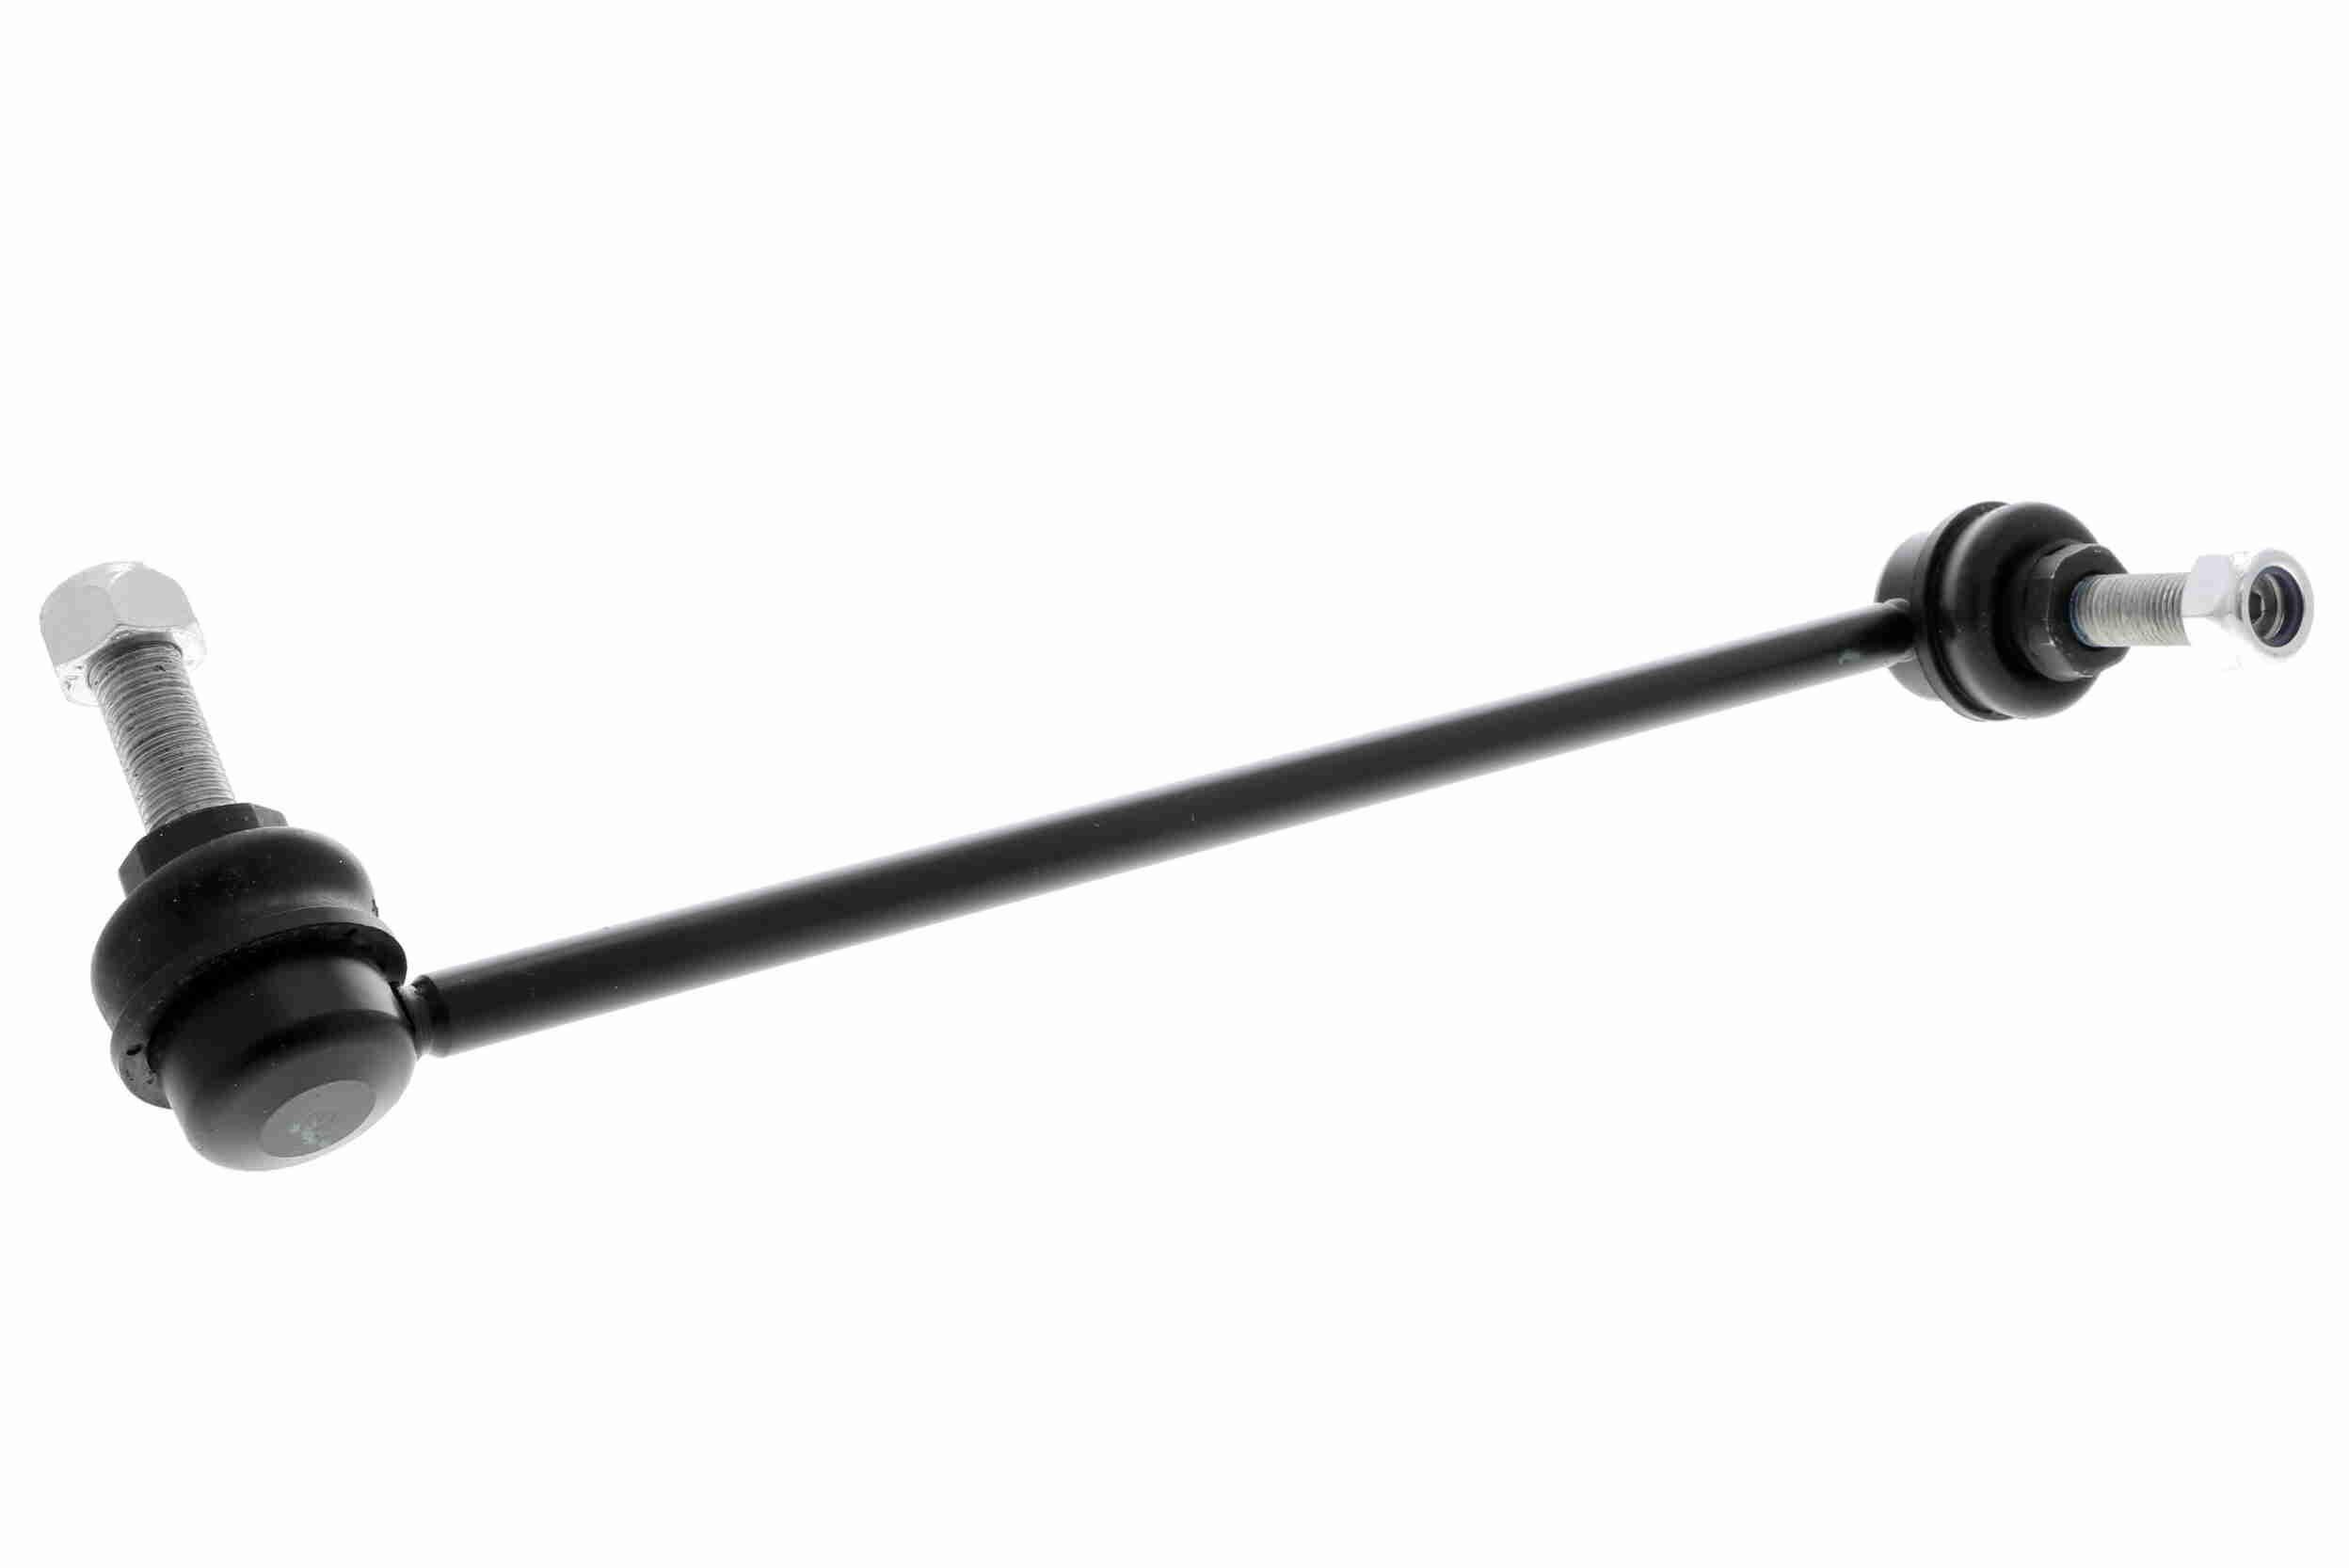 Articulación axial barra de dirección A38-0360 ACKOJA — Solo piezas de recambio nuevas